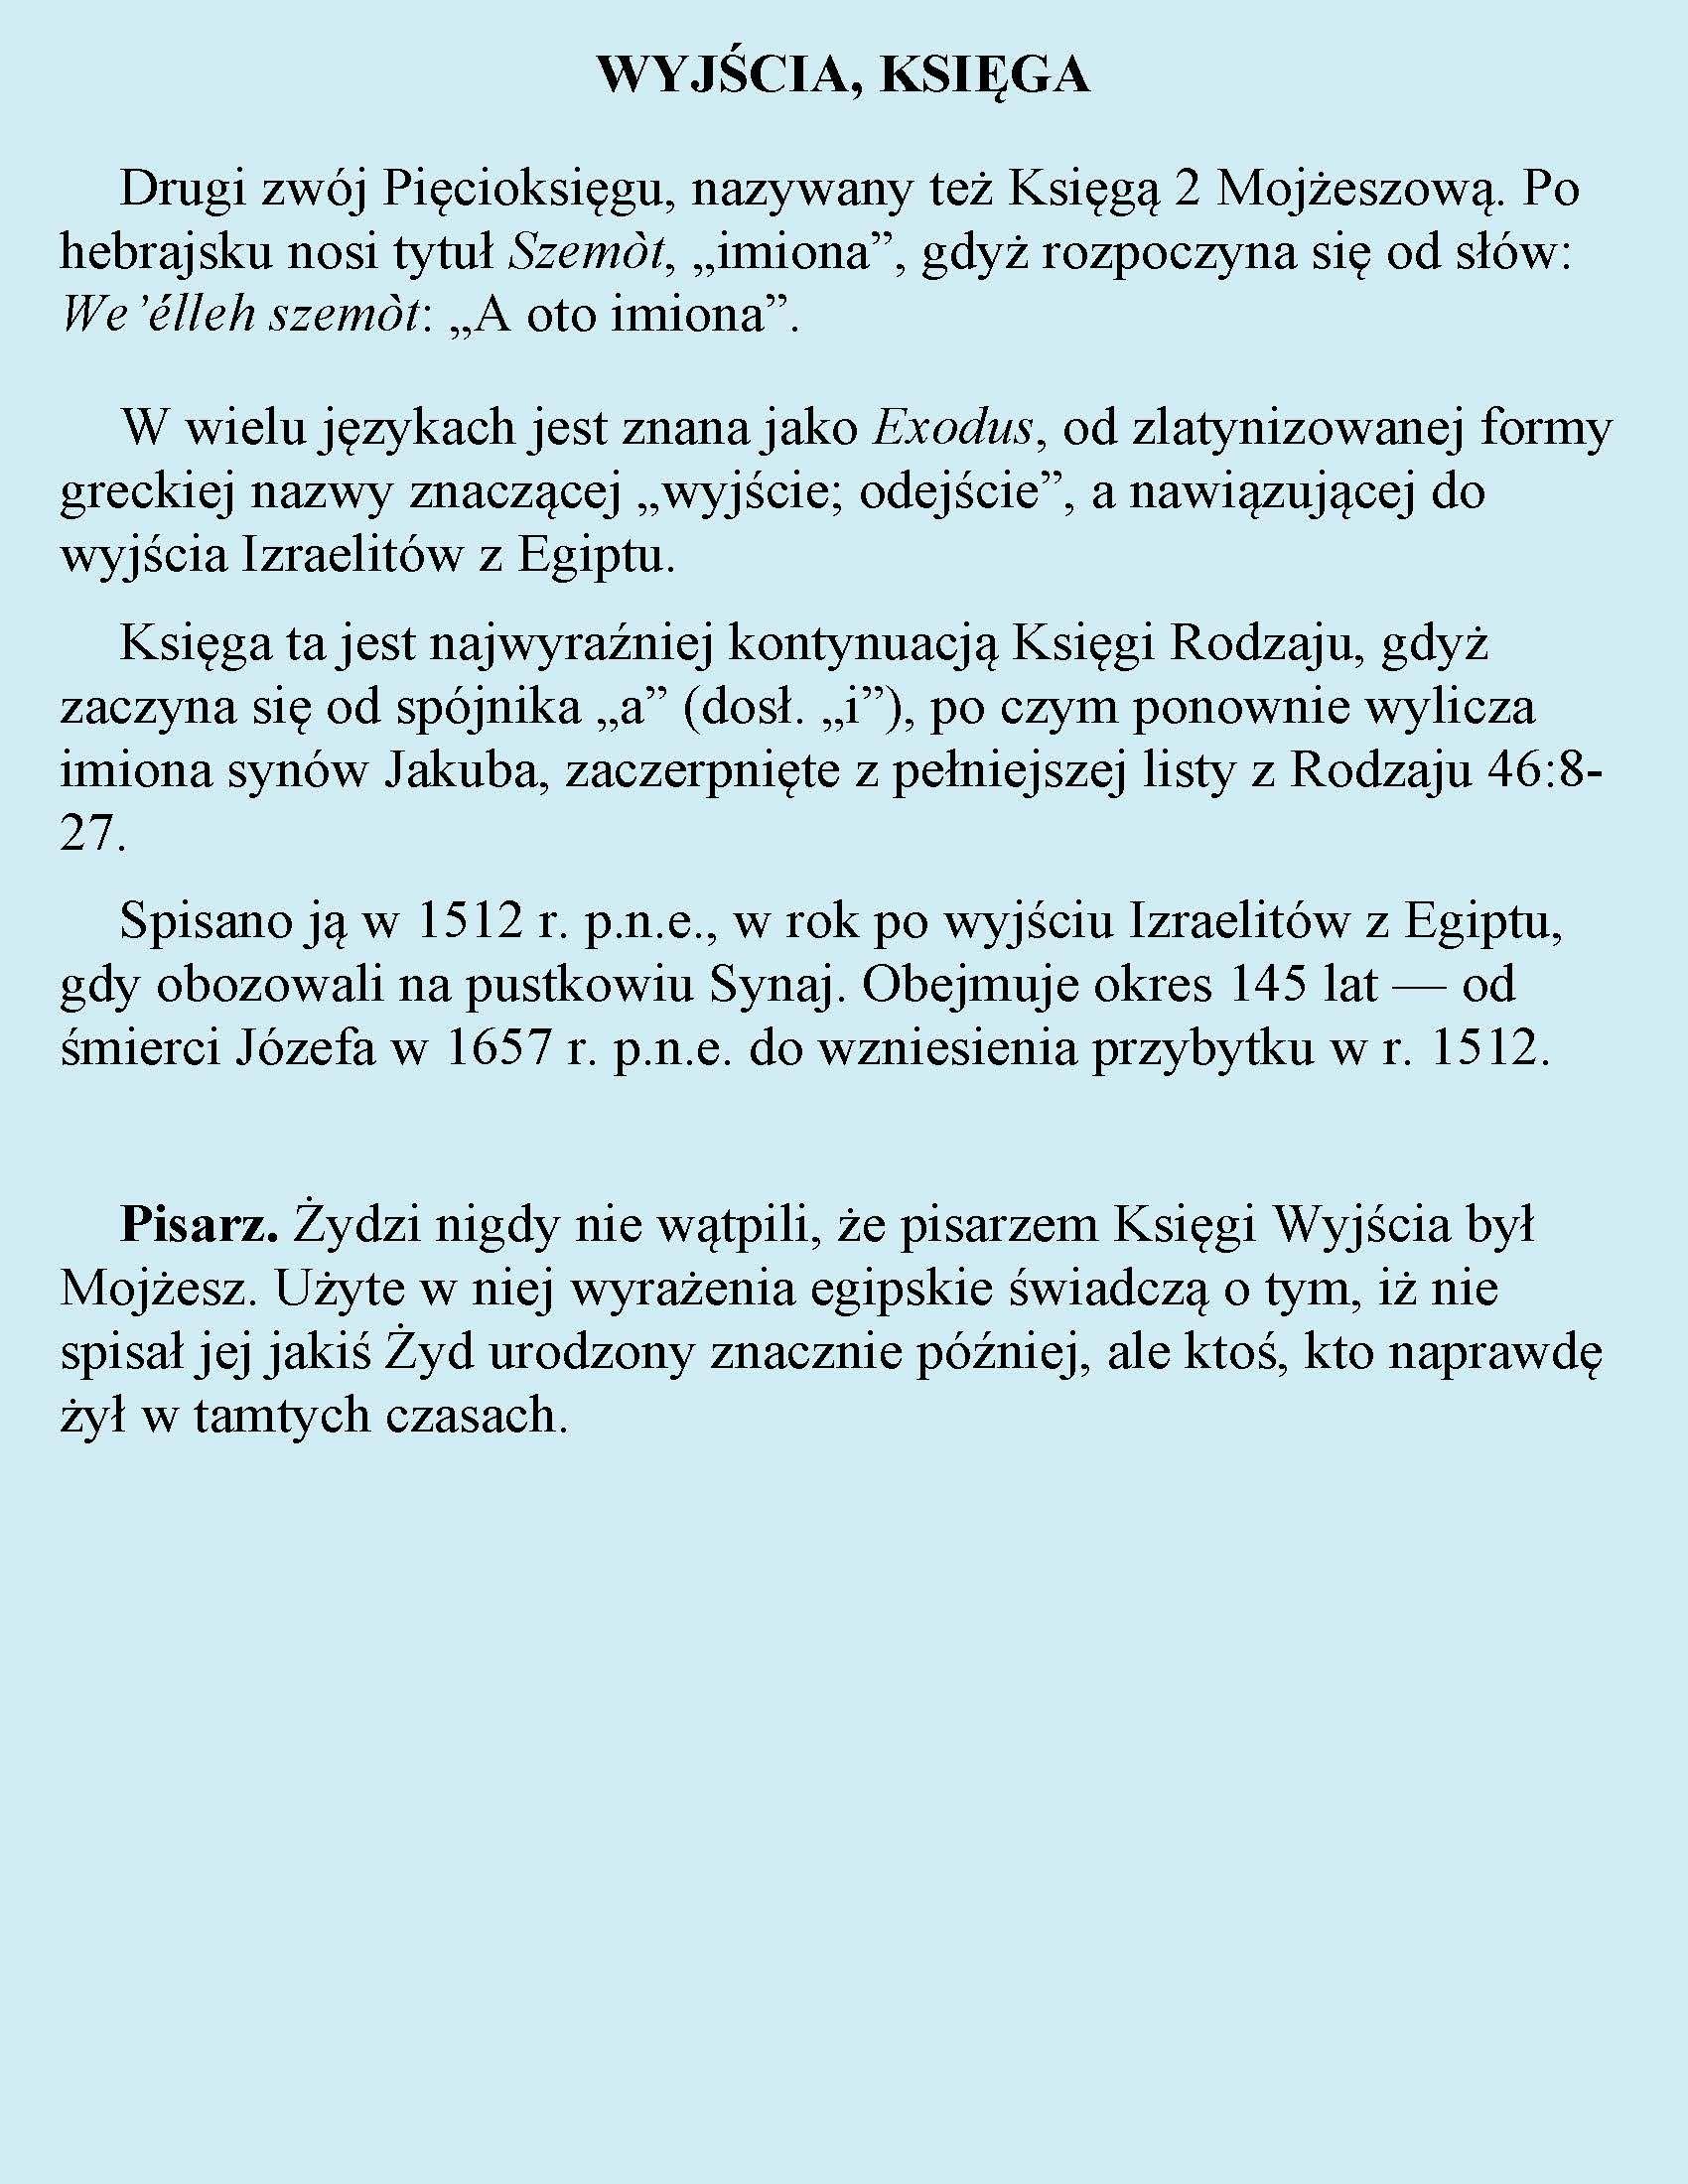 Księga Wyjścia 1 z 5